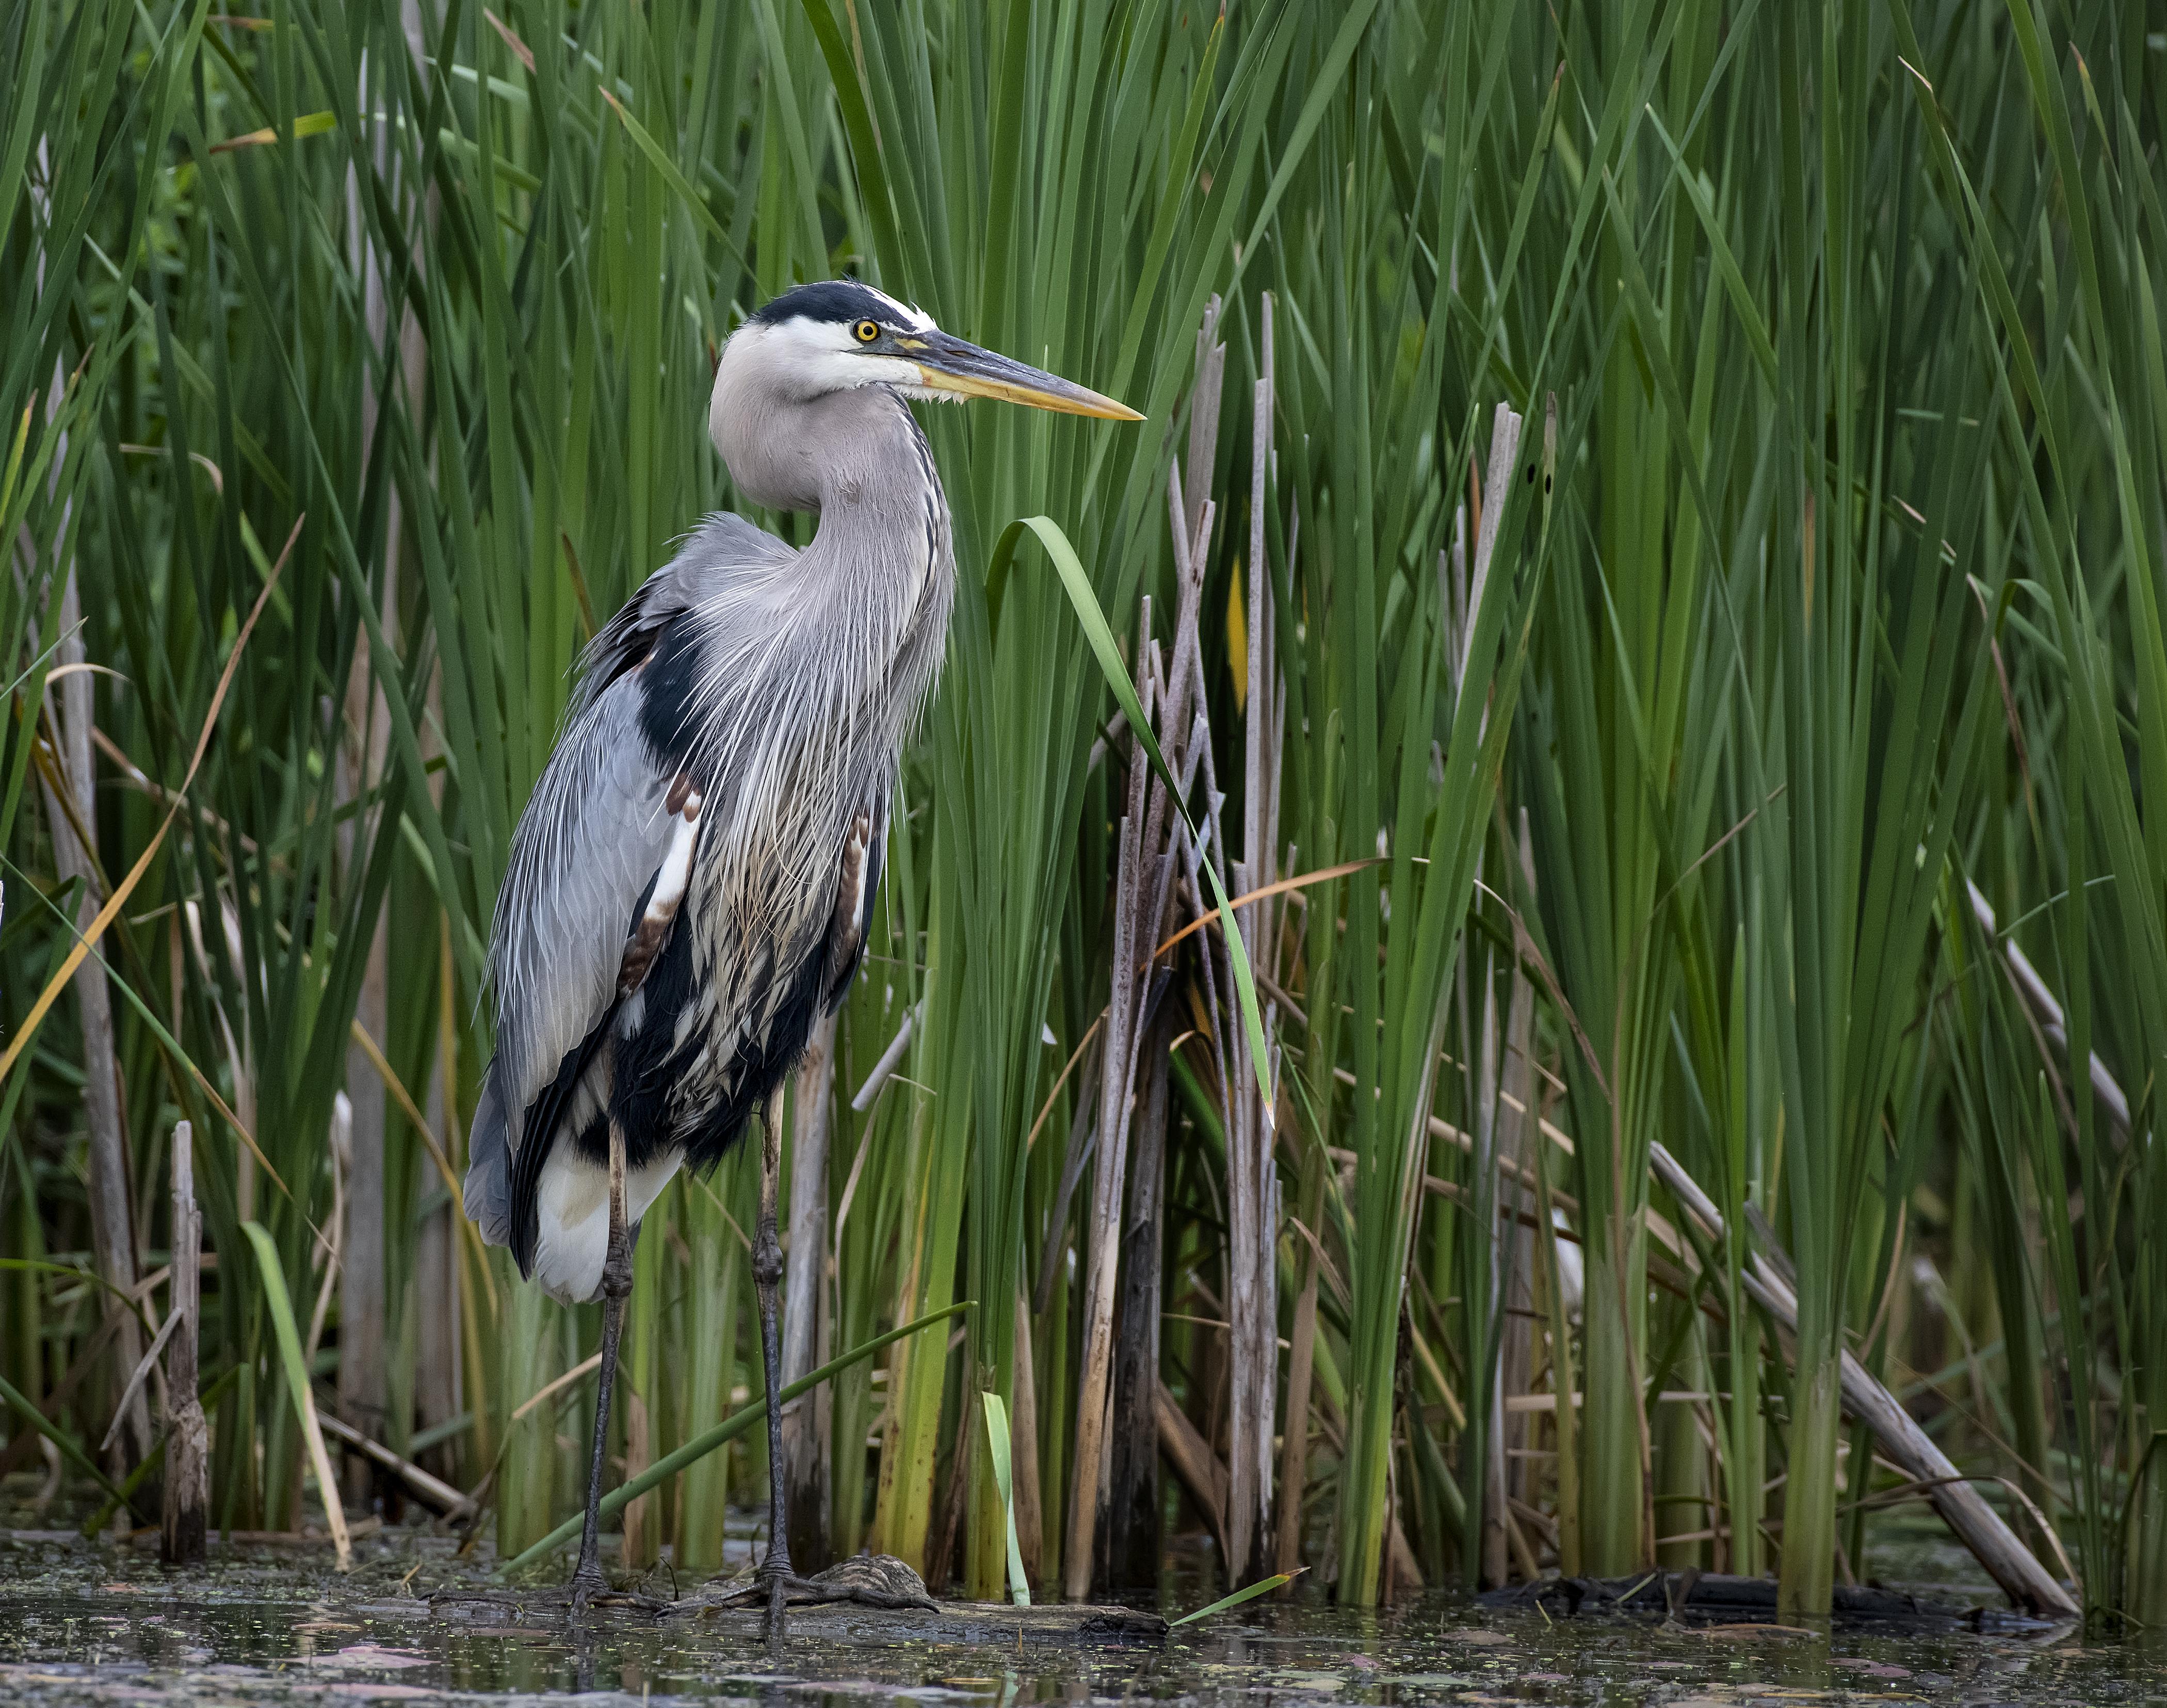 1_Great-Blue-Heron-in-Reeds